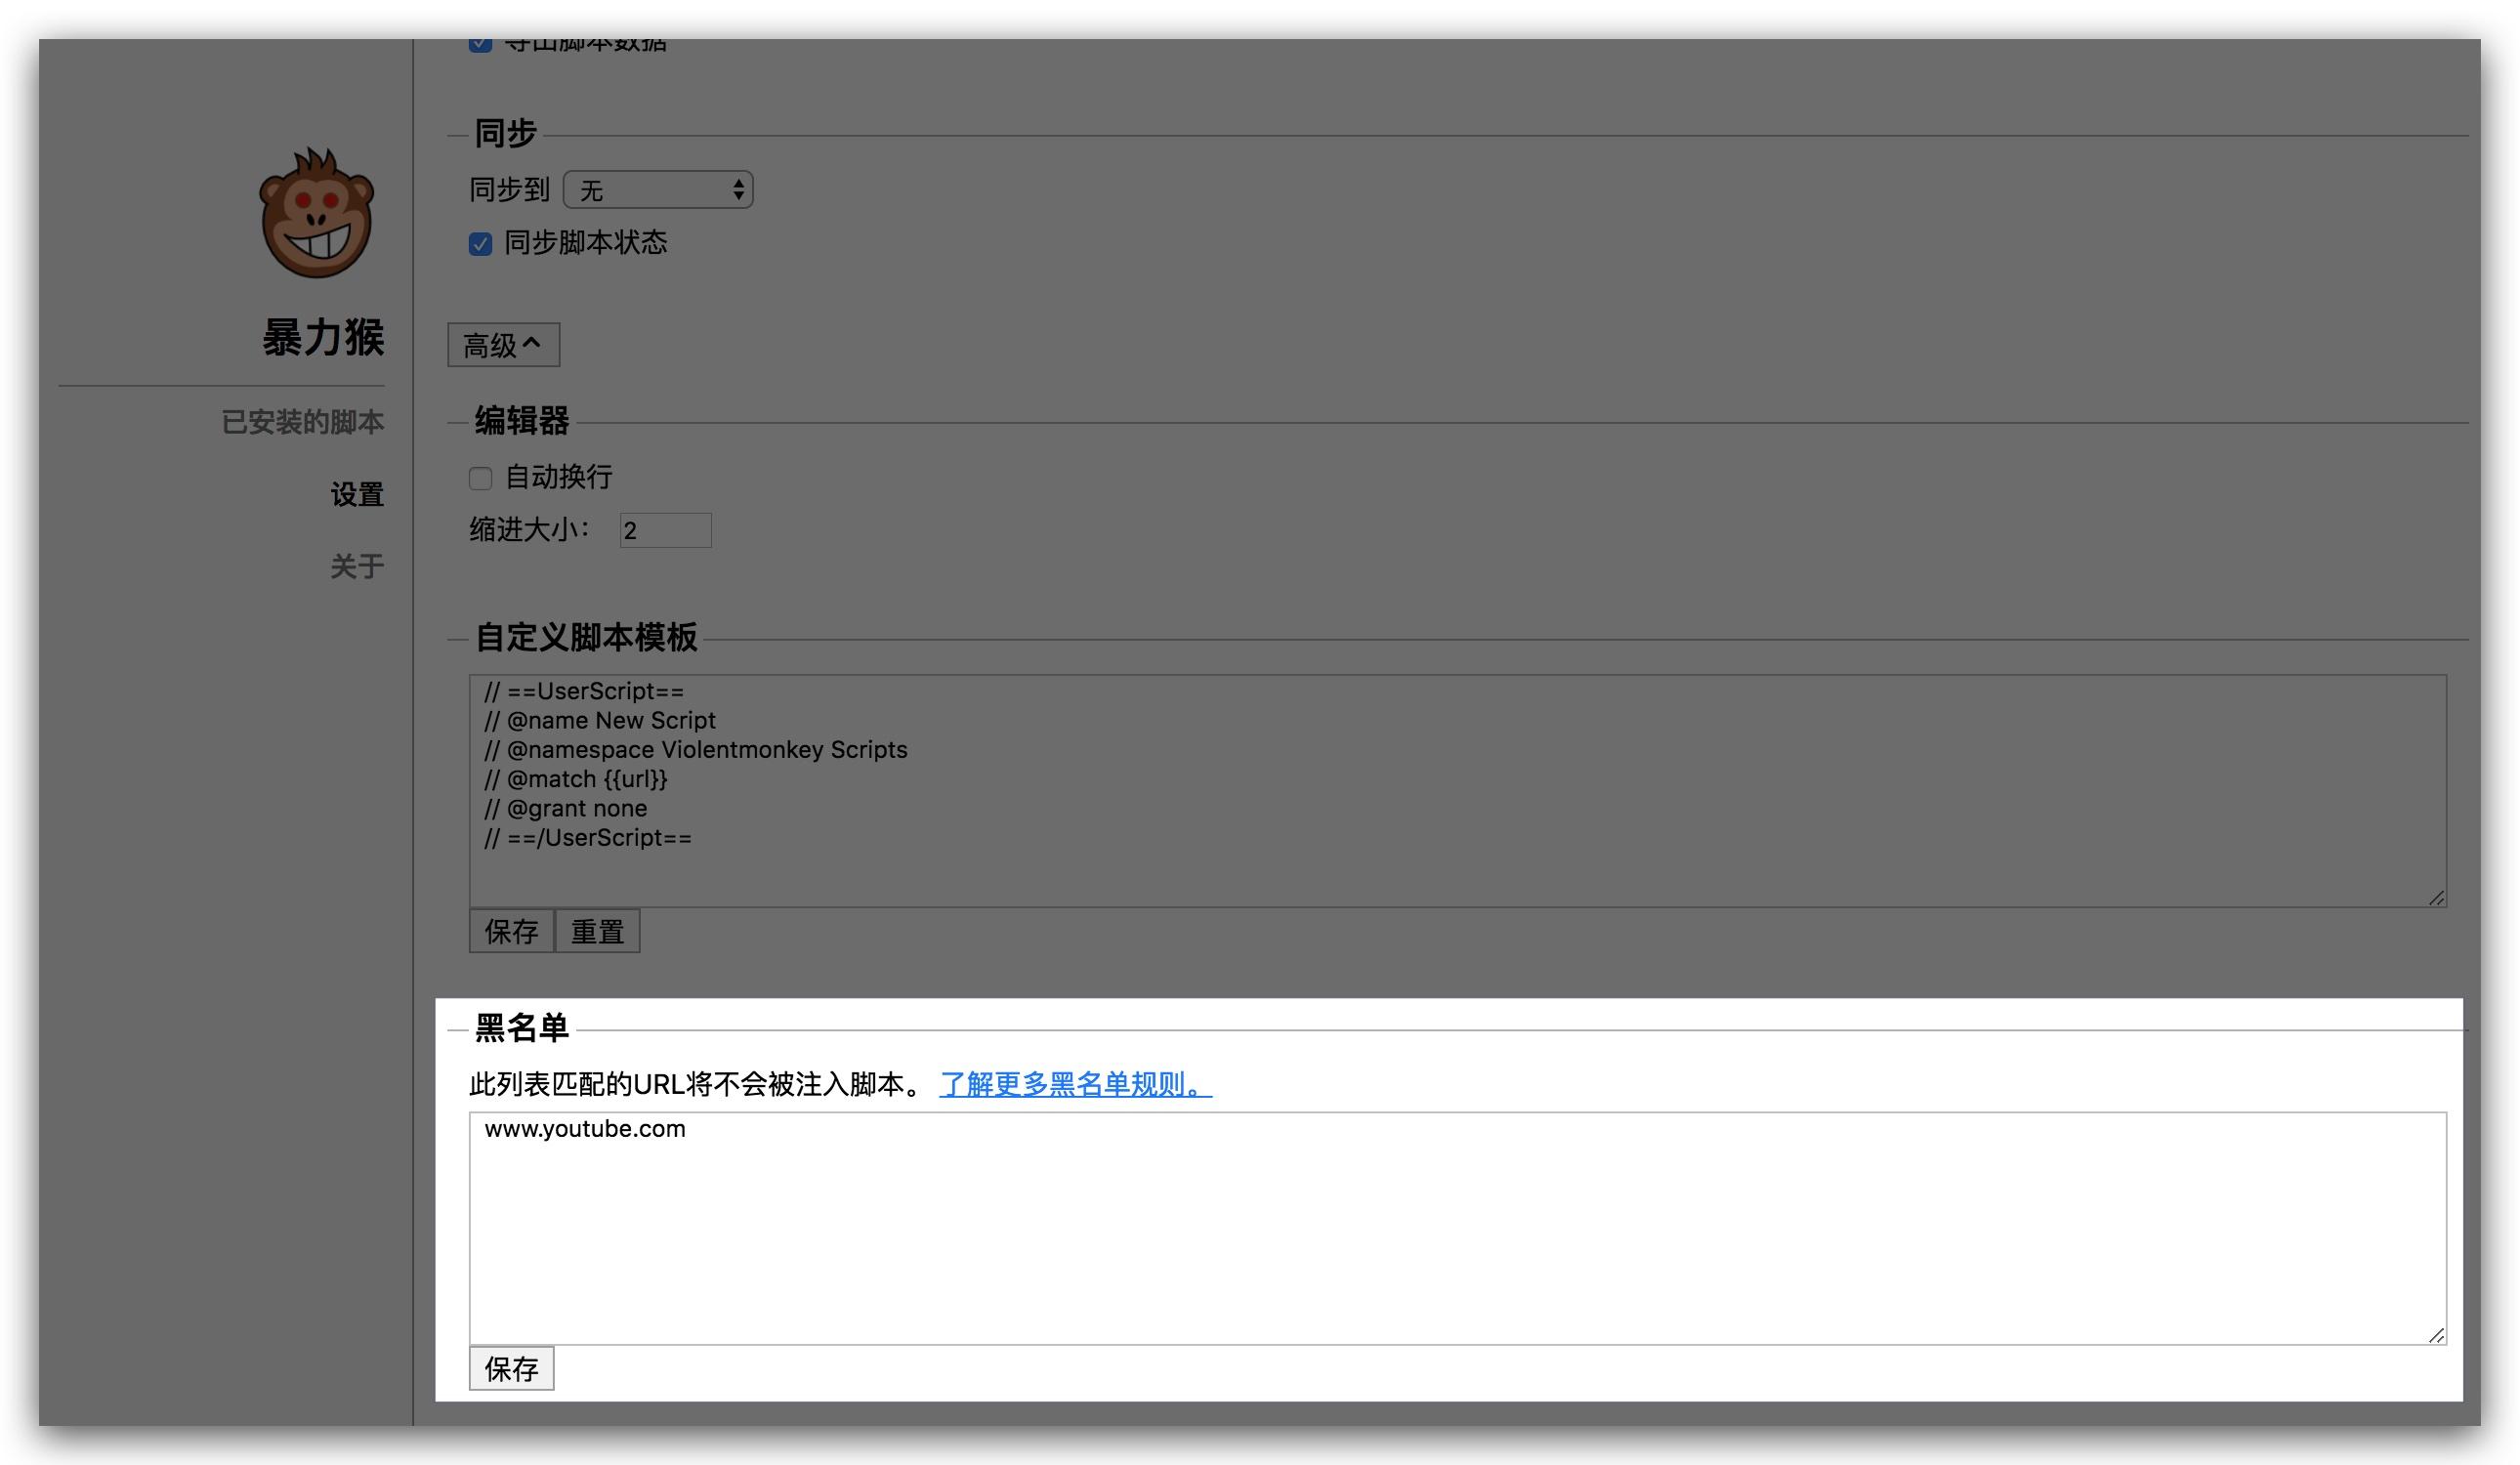 Xnip2019-05-16_14-47-51